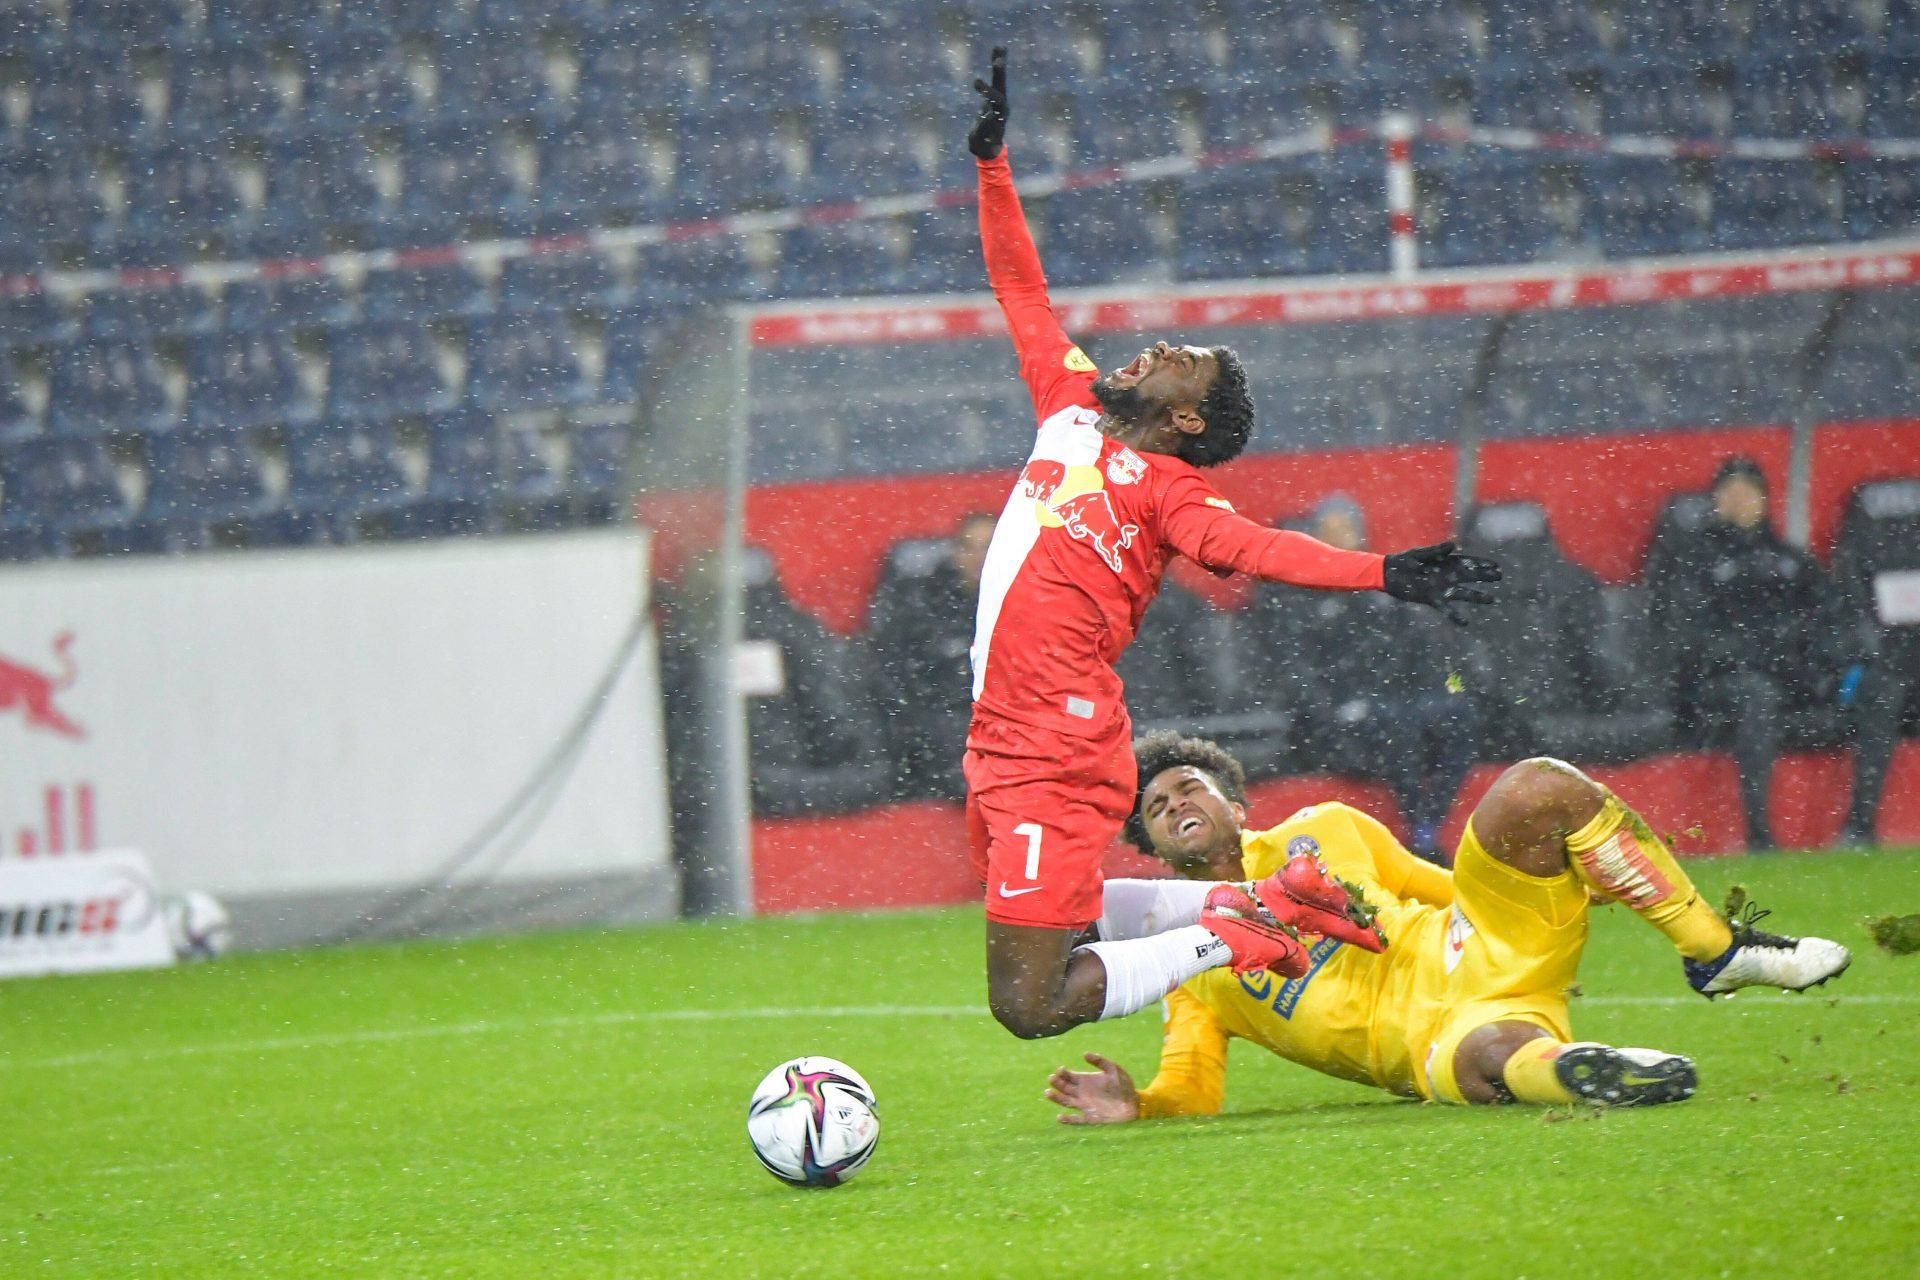 Spelers van FC Salzburg betrapt op doping, krijgen schorsing van 'maar' 3 maanden - Sportnieuws.nl